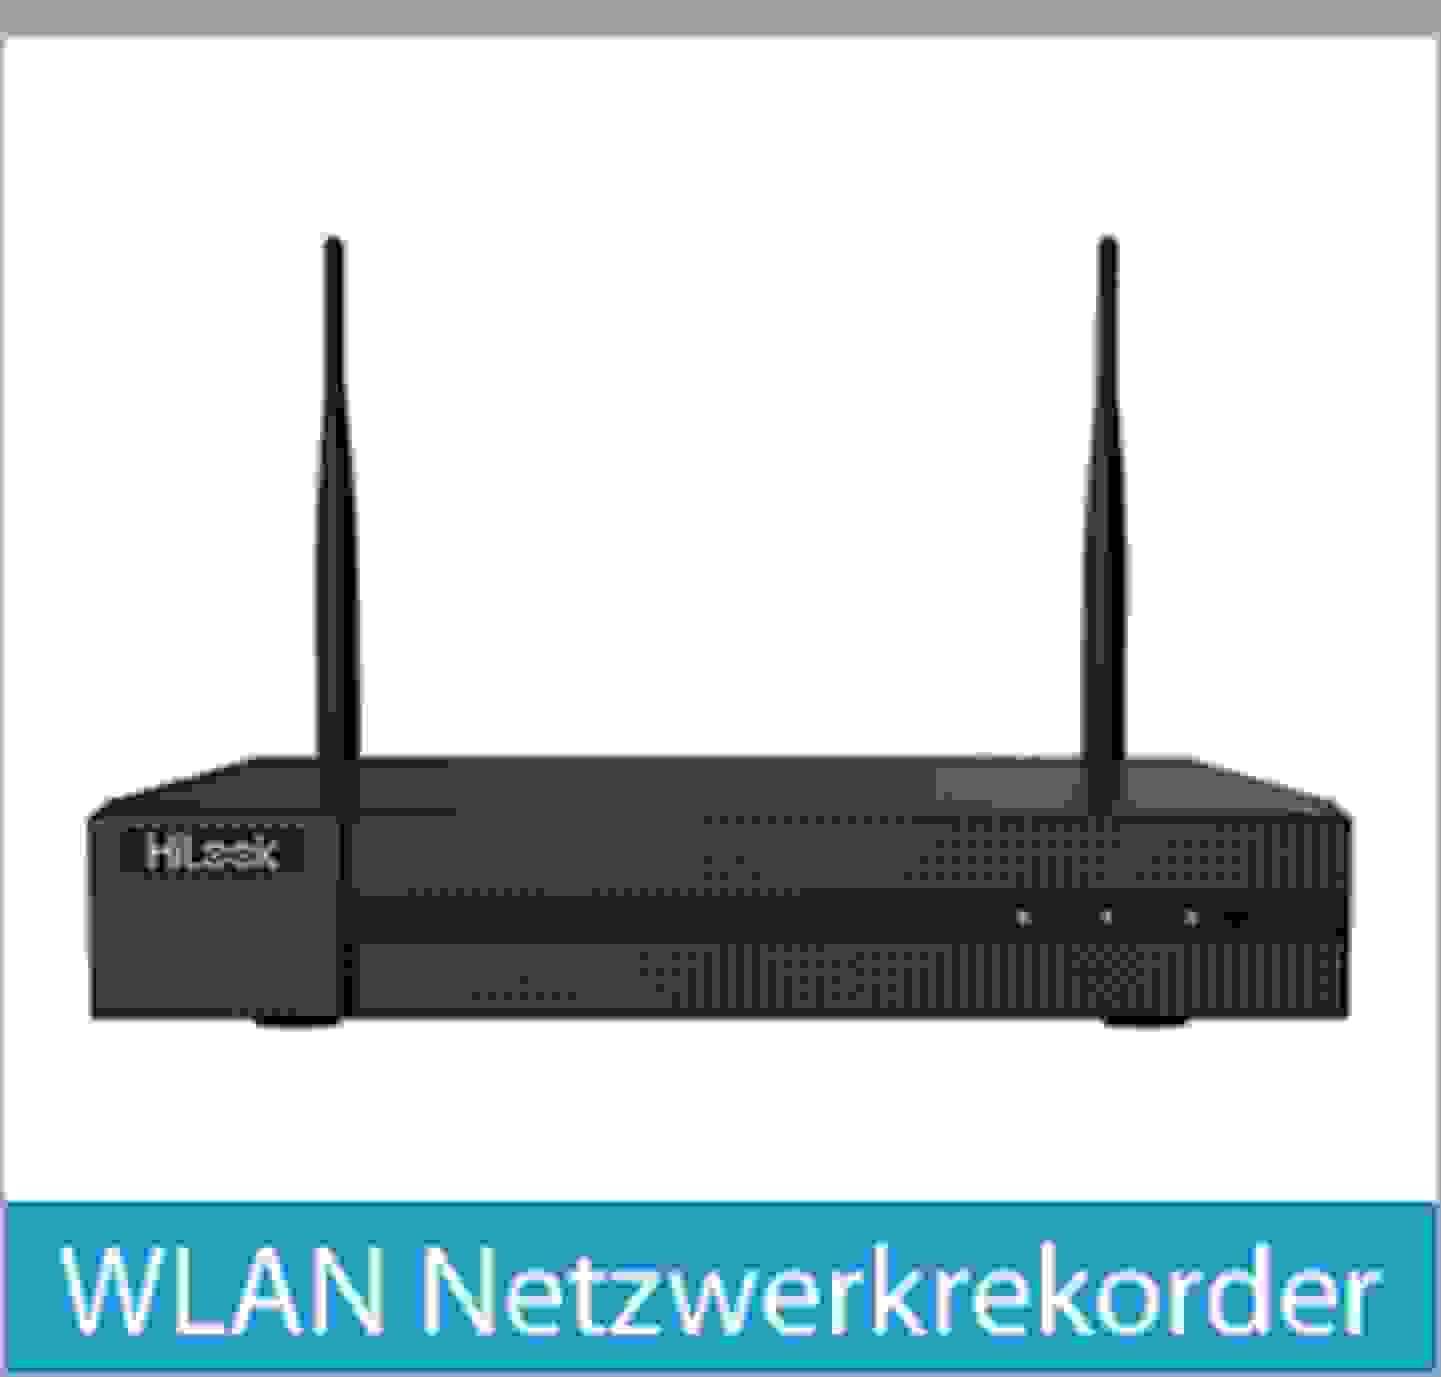 WLAN Netzwerkrekorder